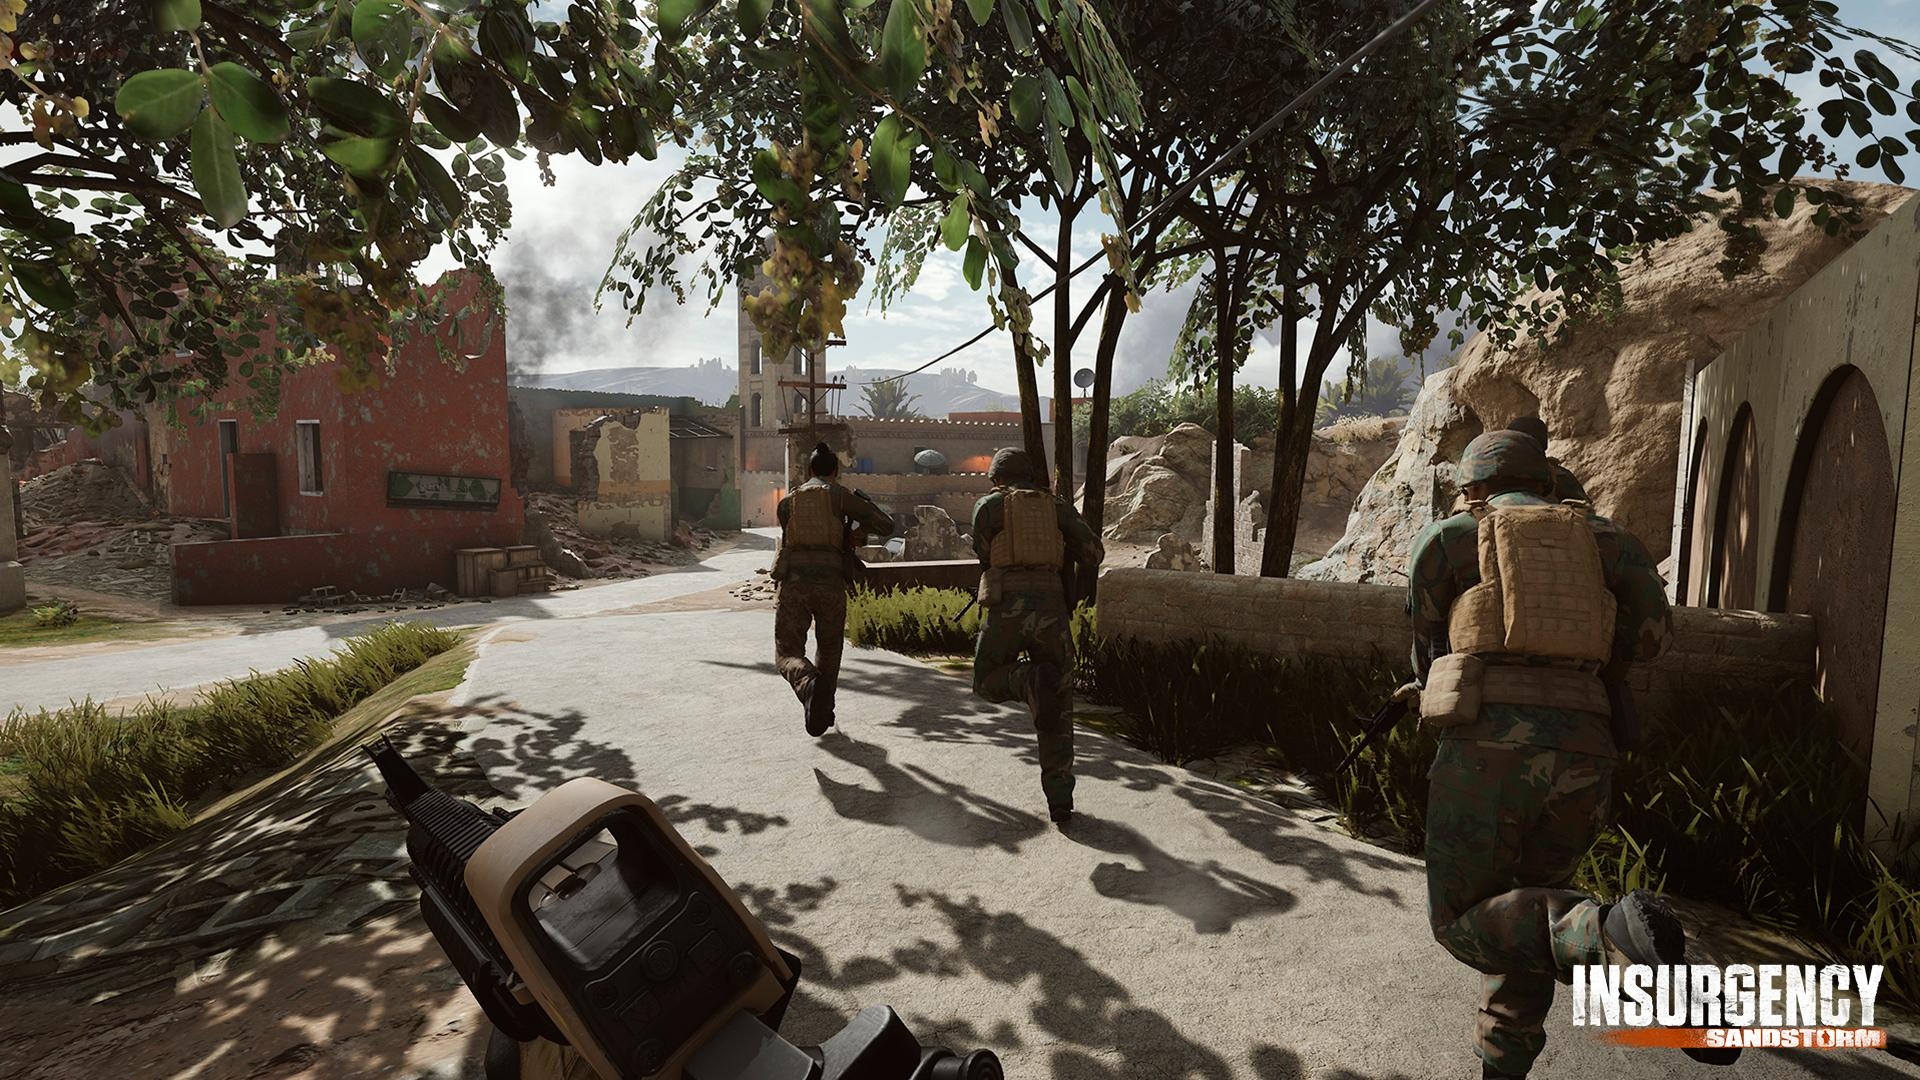 Insurgency: Sandstorm game image